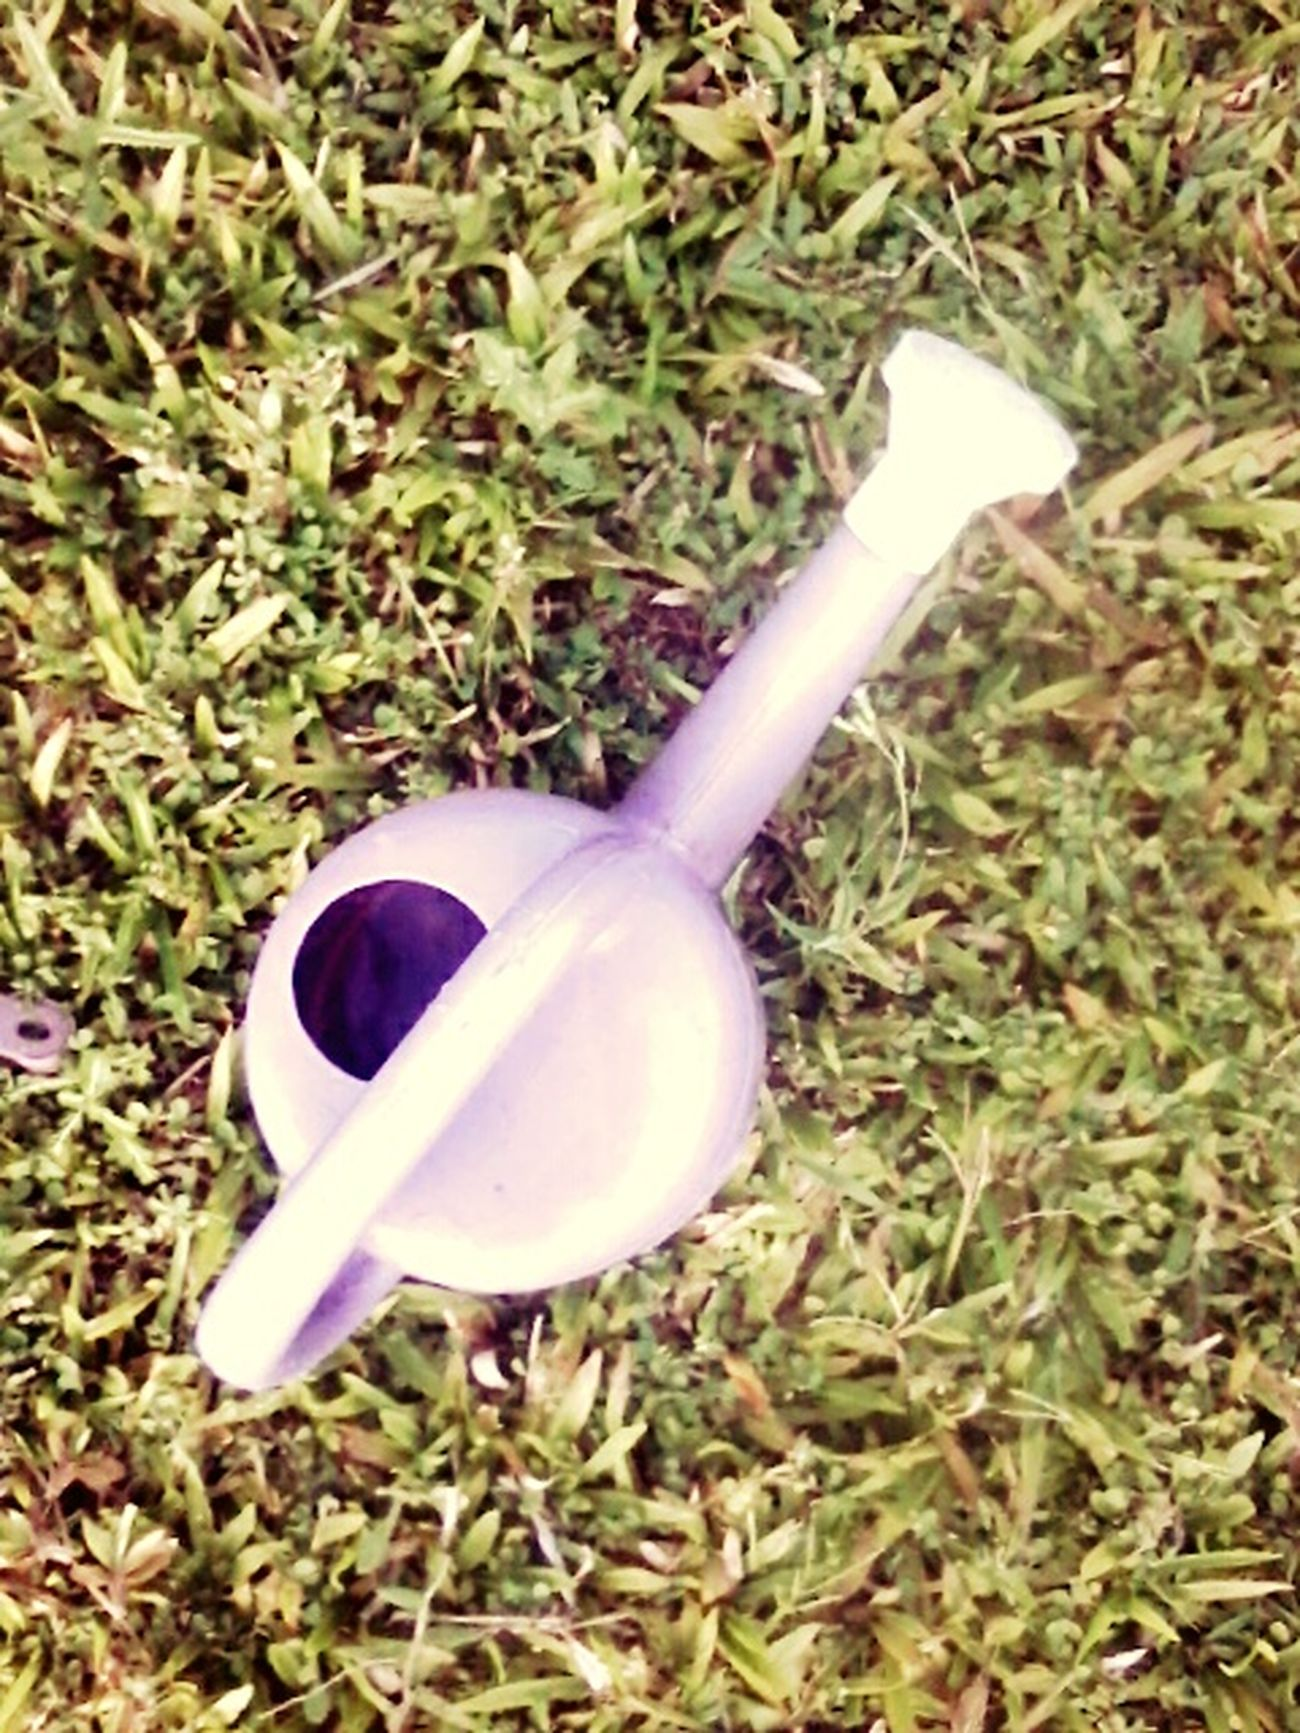 Sprinkler In Grass Light Violet Summertime Grass Taking Photos